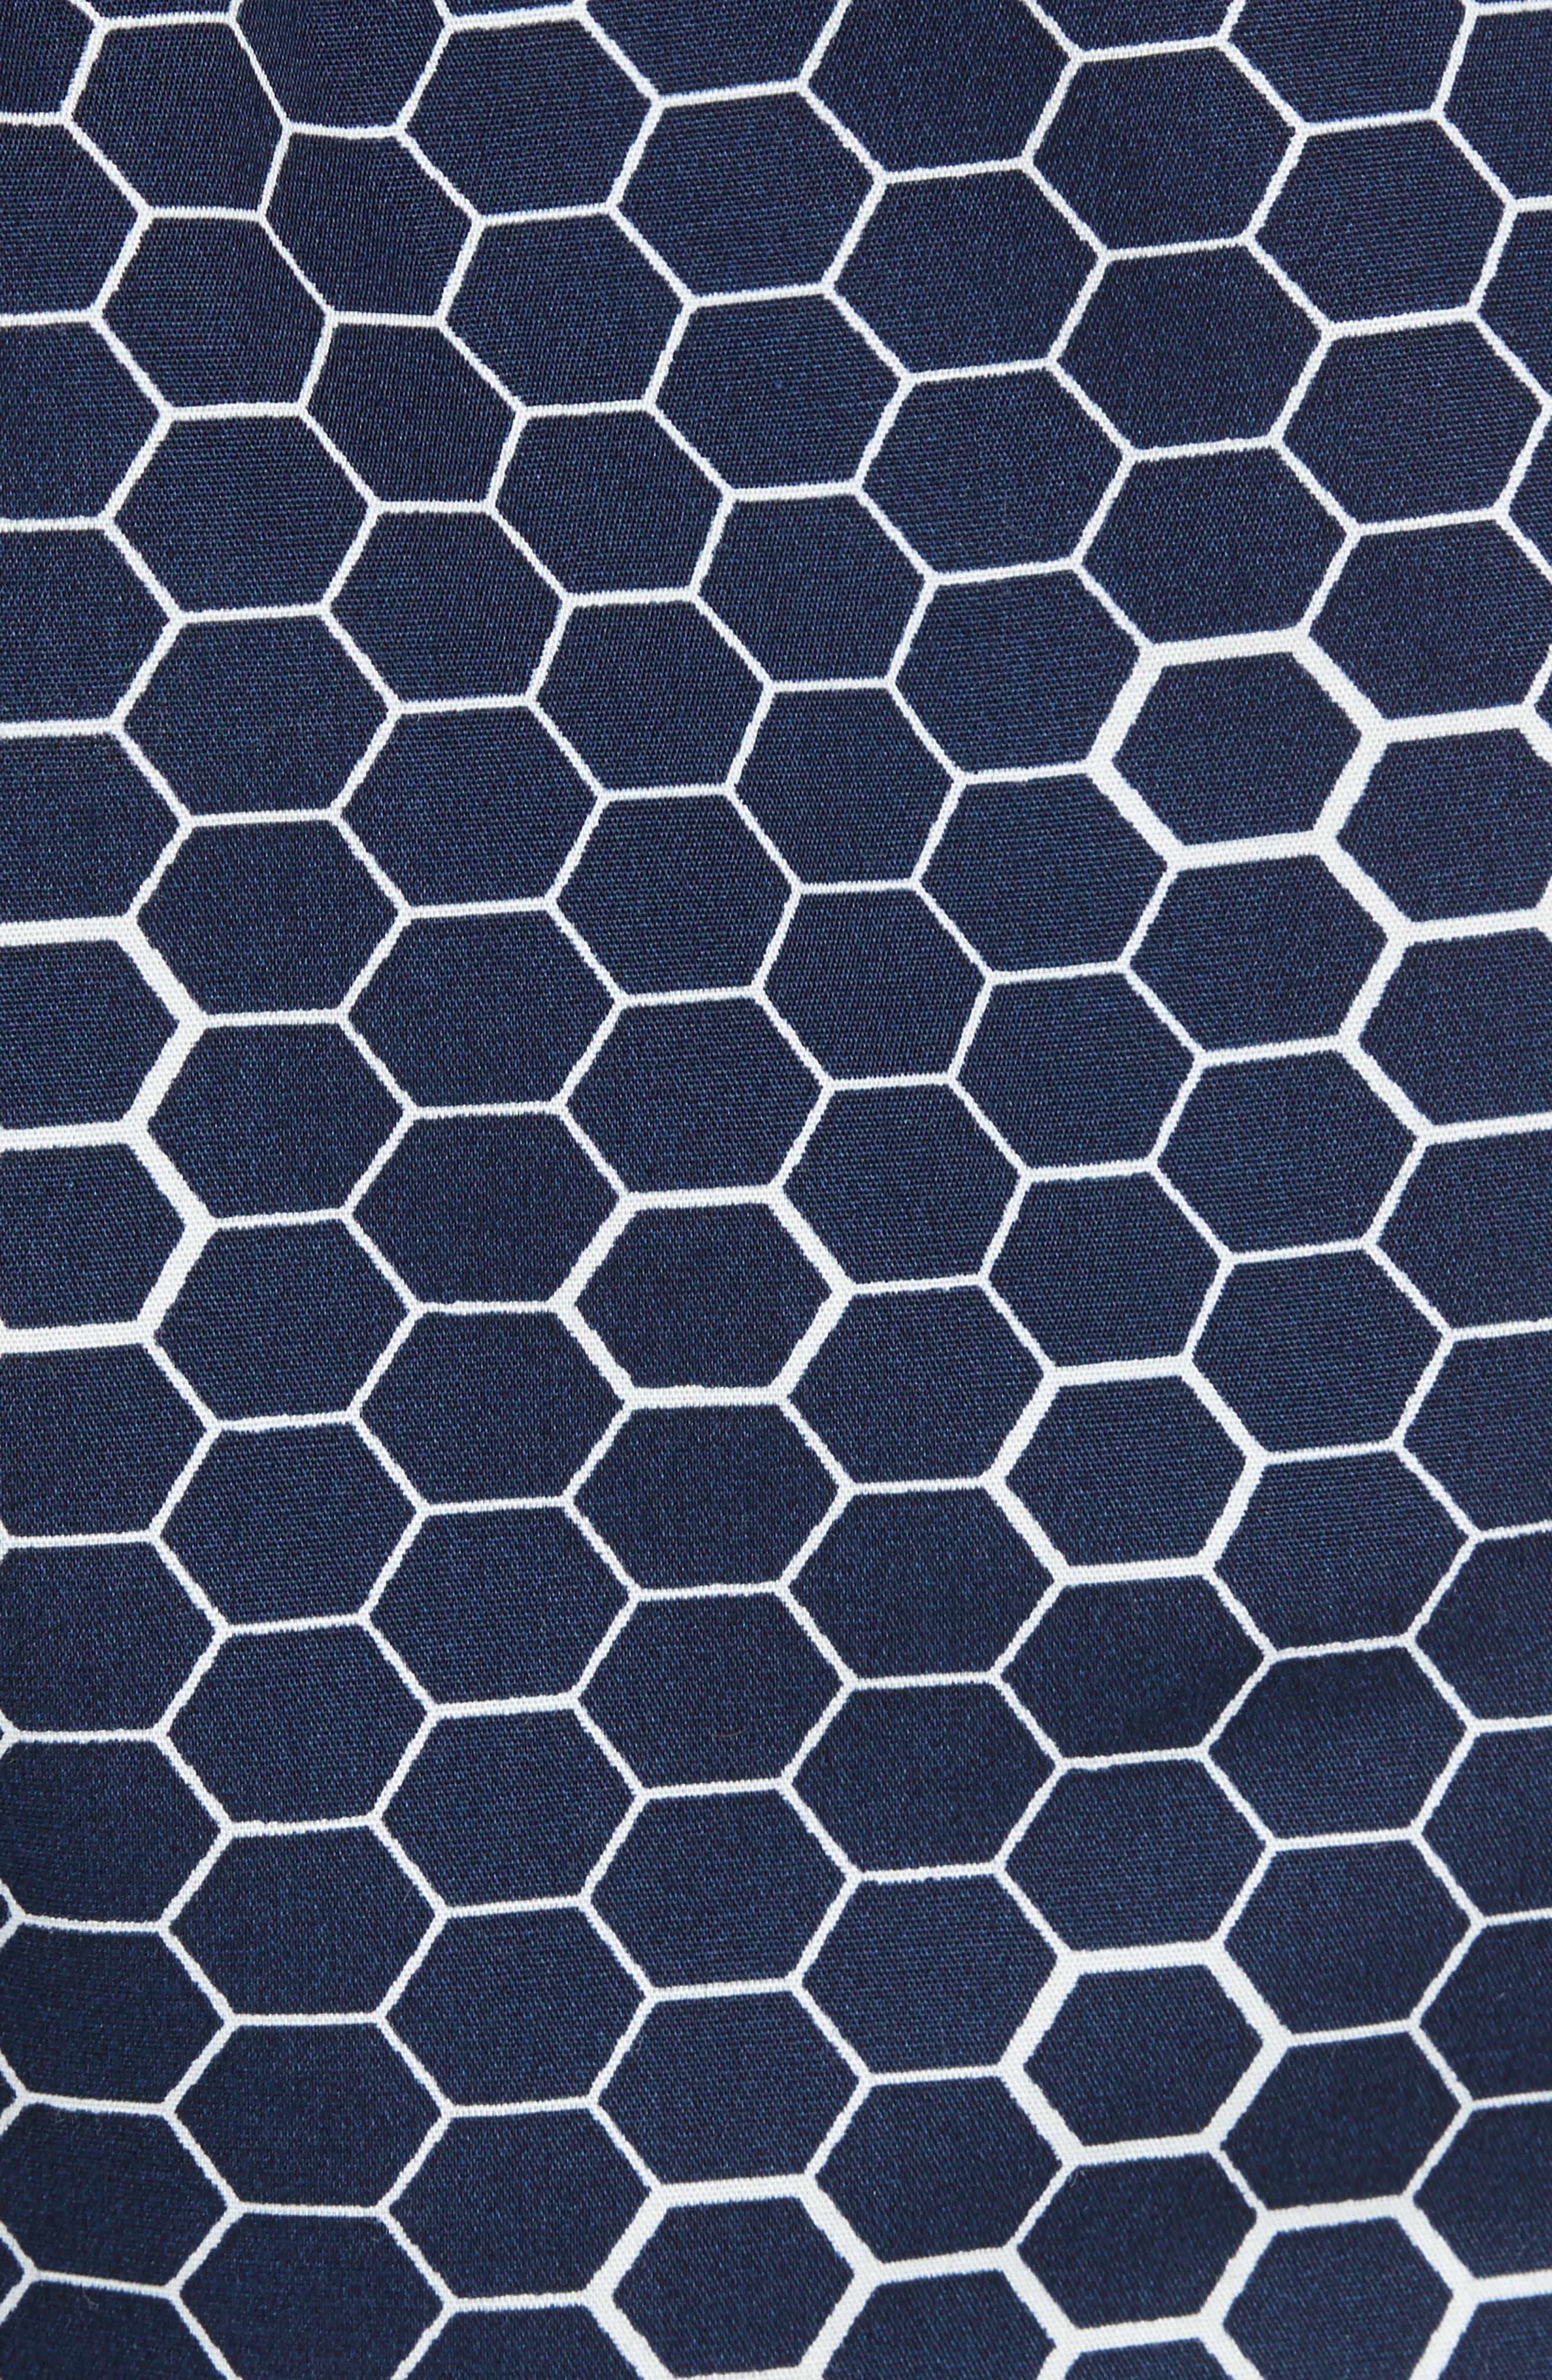 Honeycomb Cotton Boxers,                             Alternate thumbnail 5, color,                             Blue